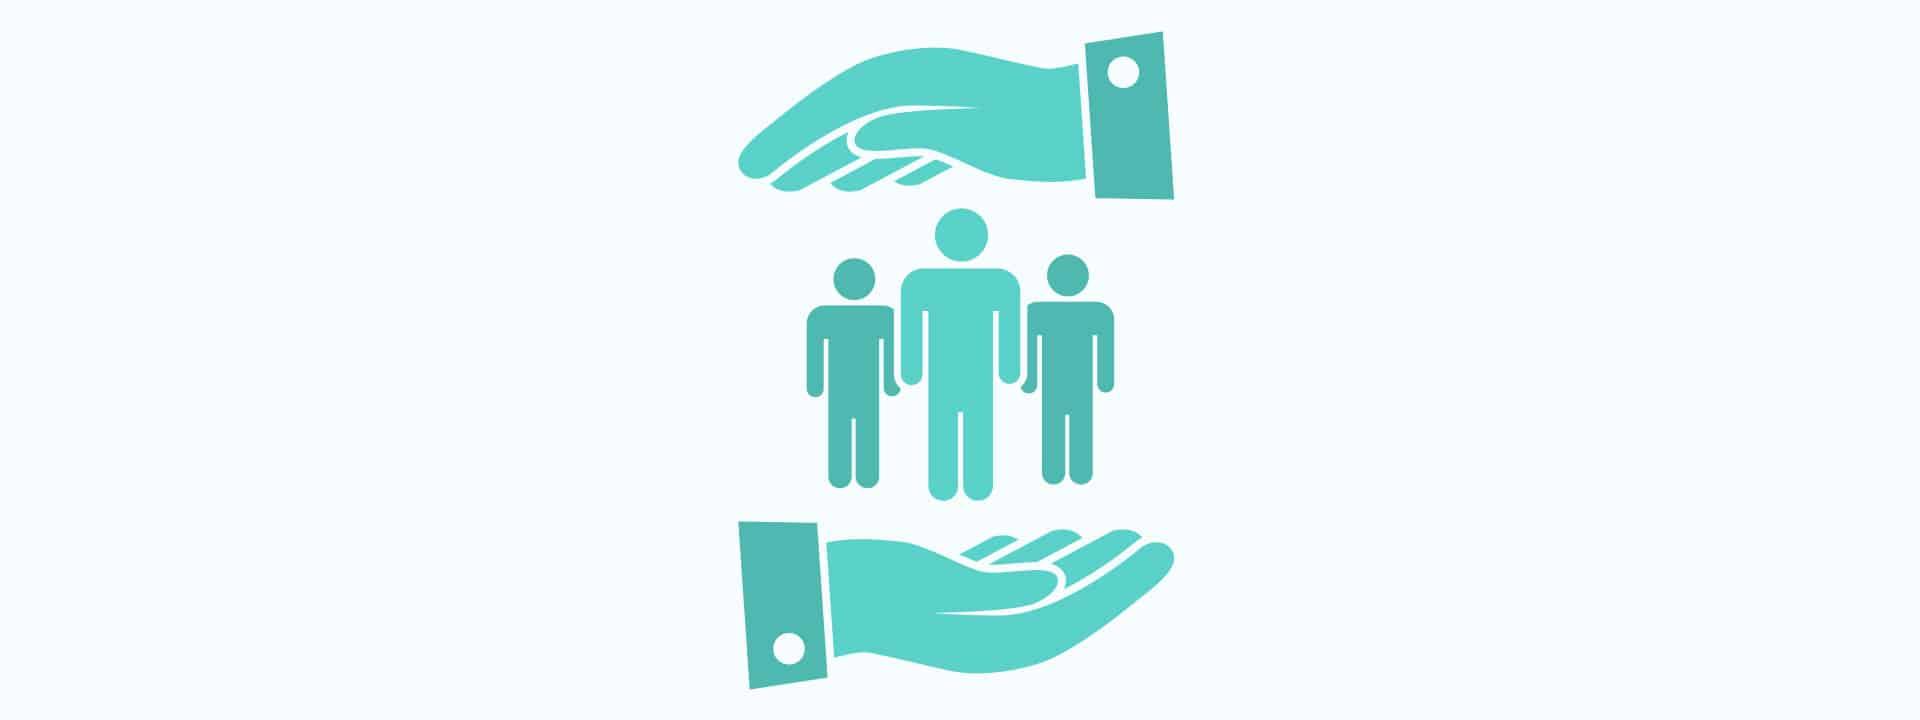 Sozialversicherung für Pflegepersonen Epidermolysis bullosa Betroffener